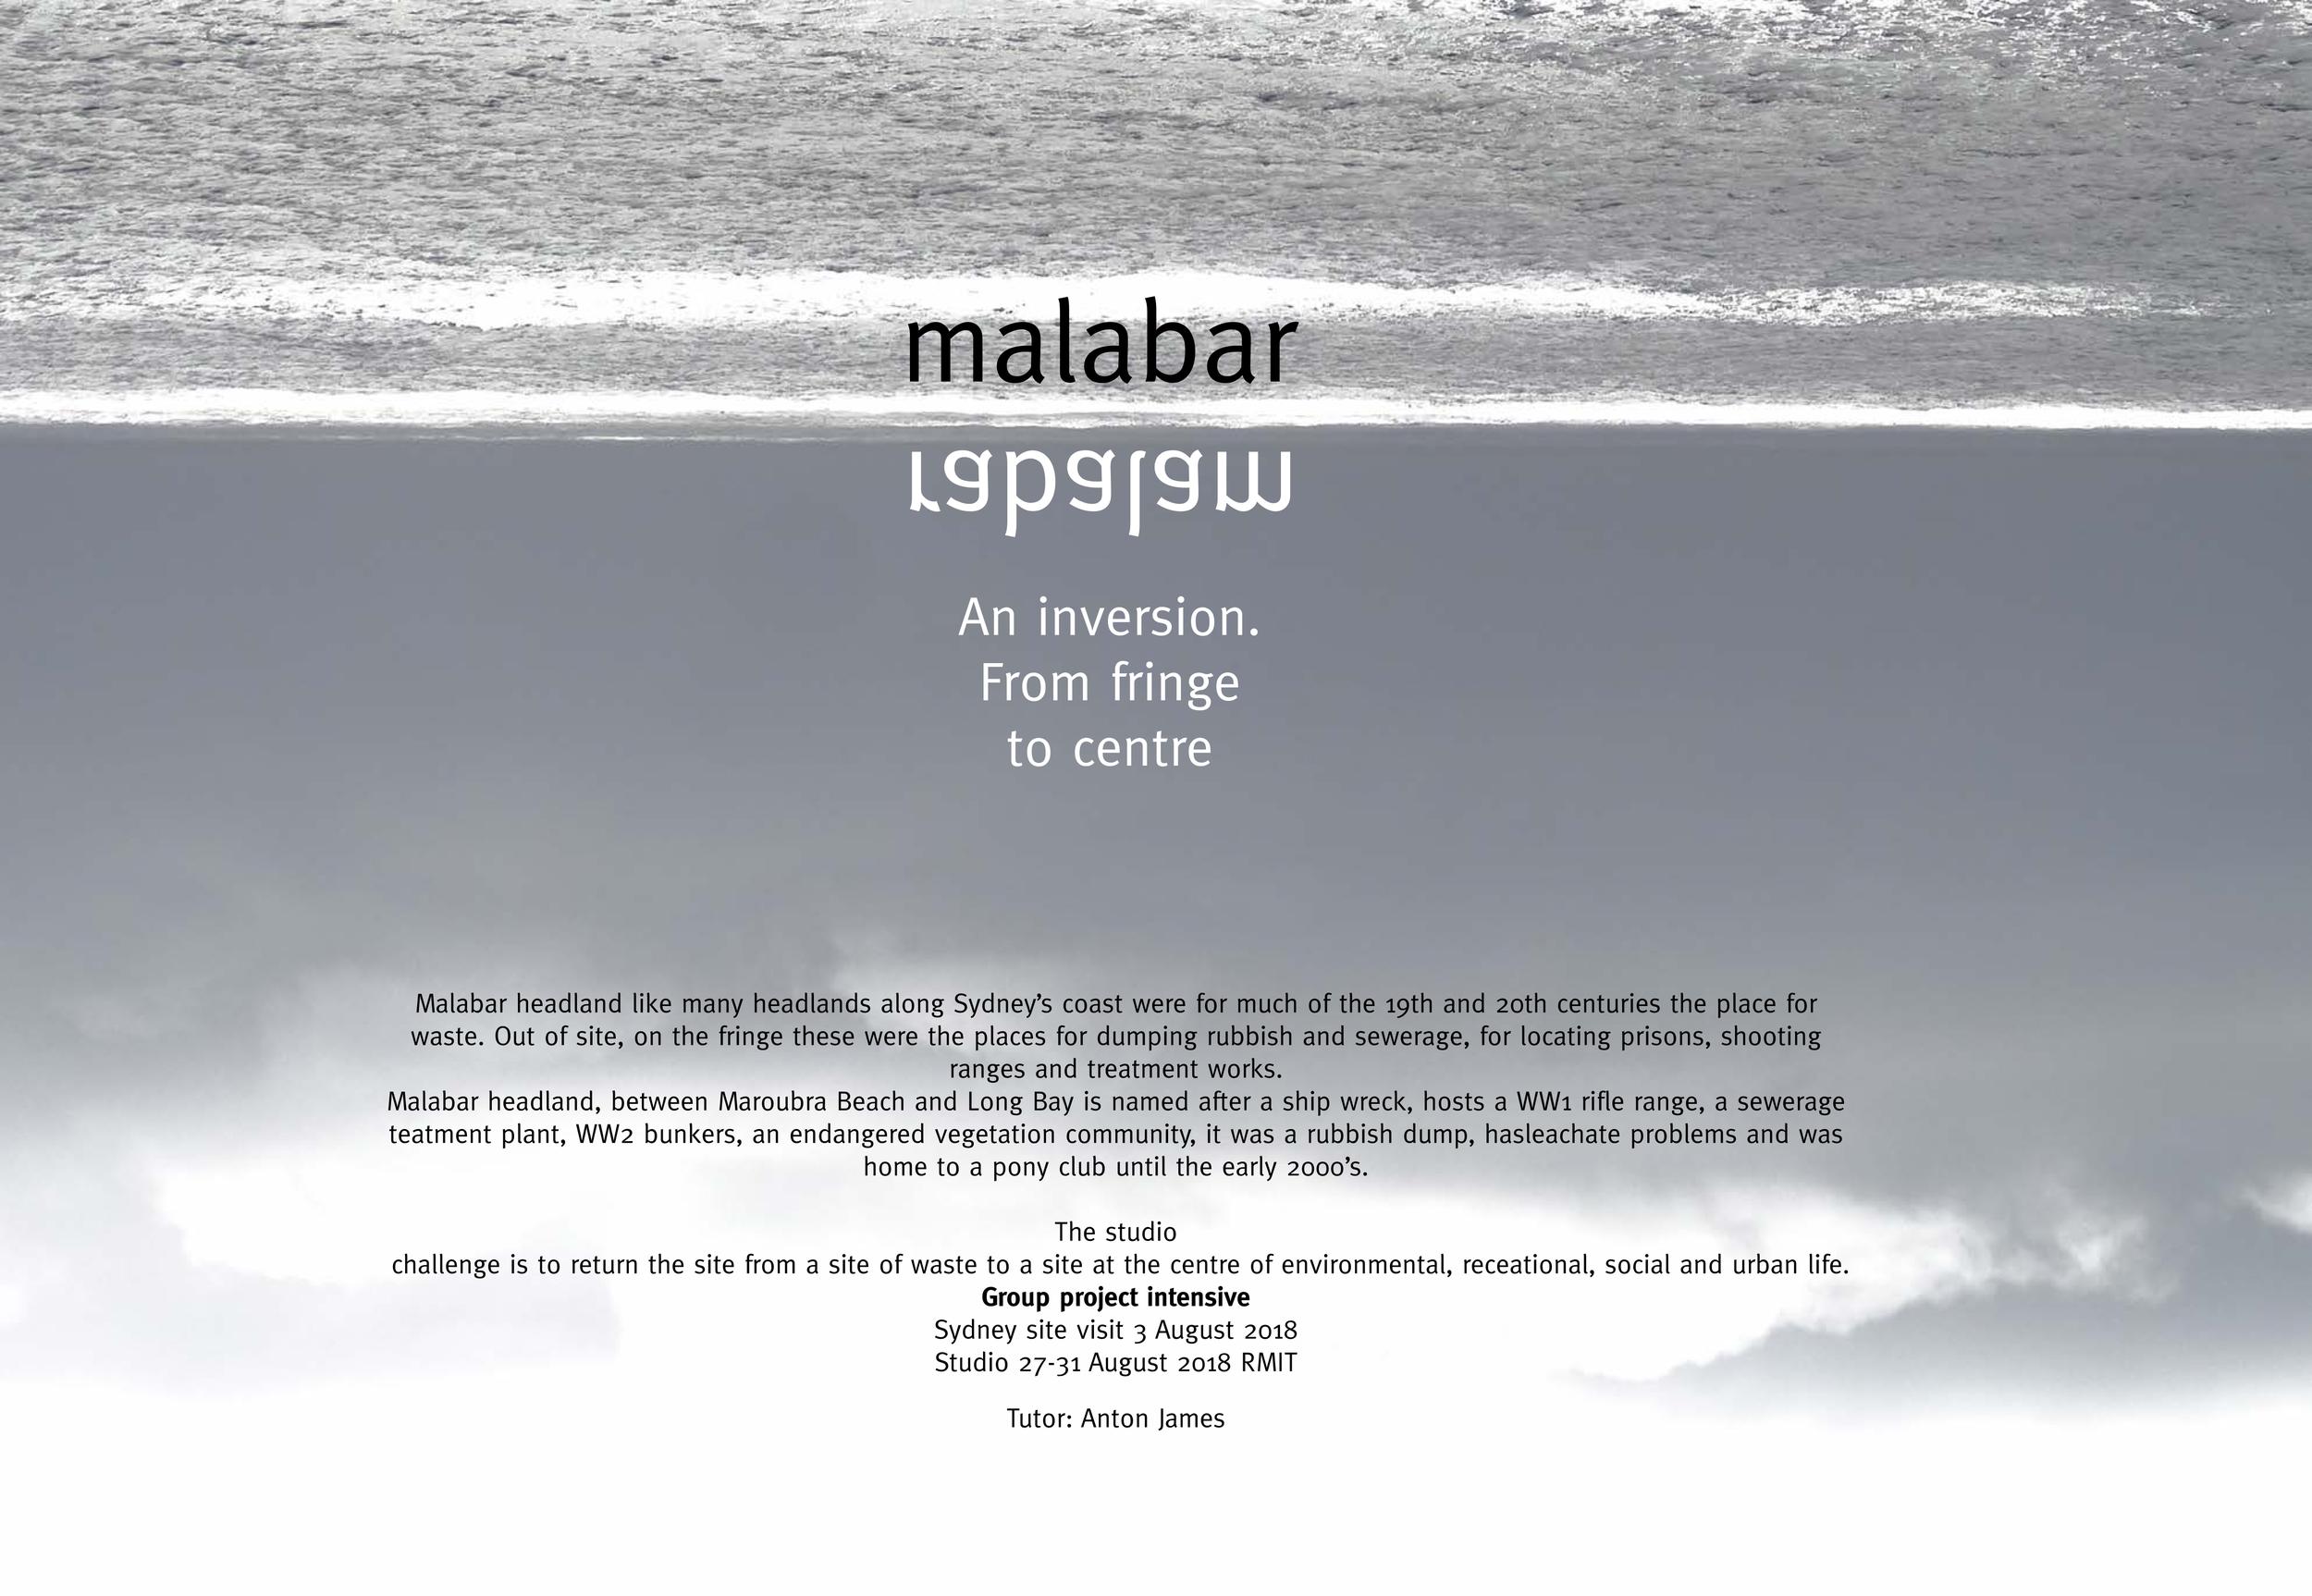 malabar rabalam_anton james_studio_poster.png